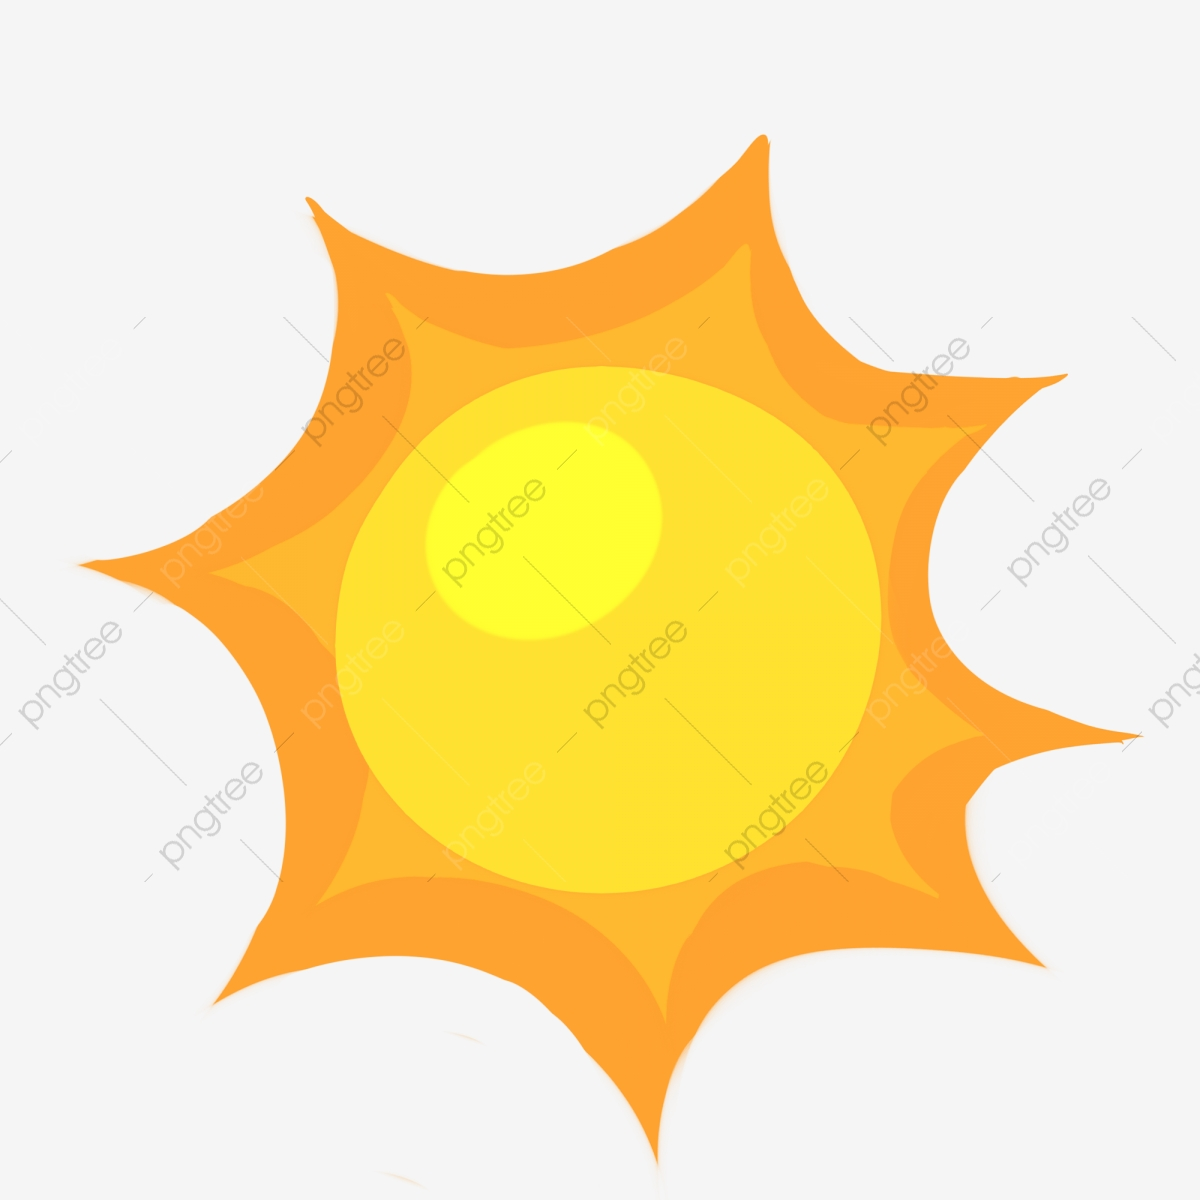 Ilustrasi Matahari Musim Panas Kartun Kartun Musim Panas